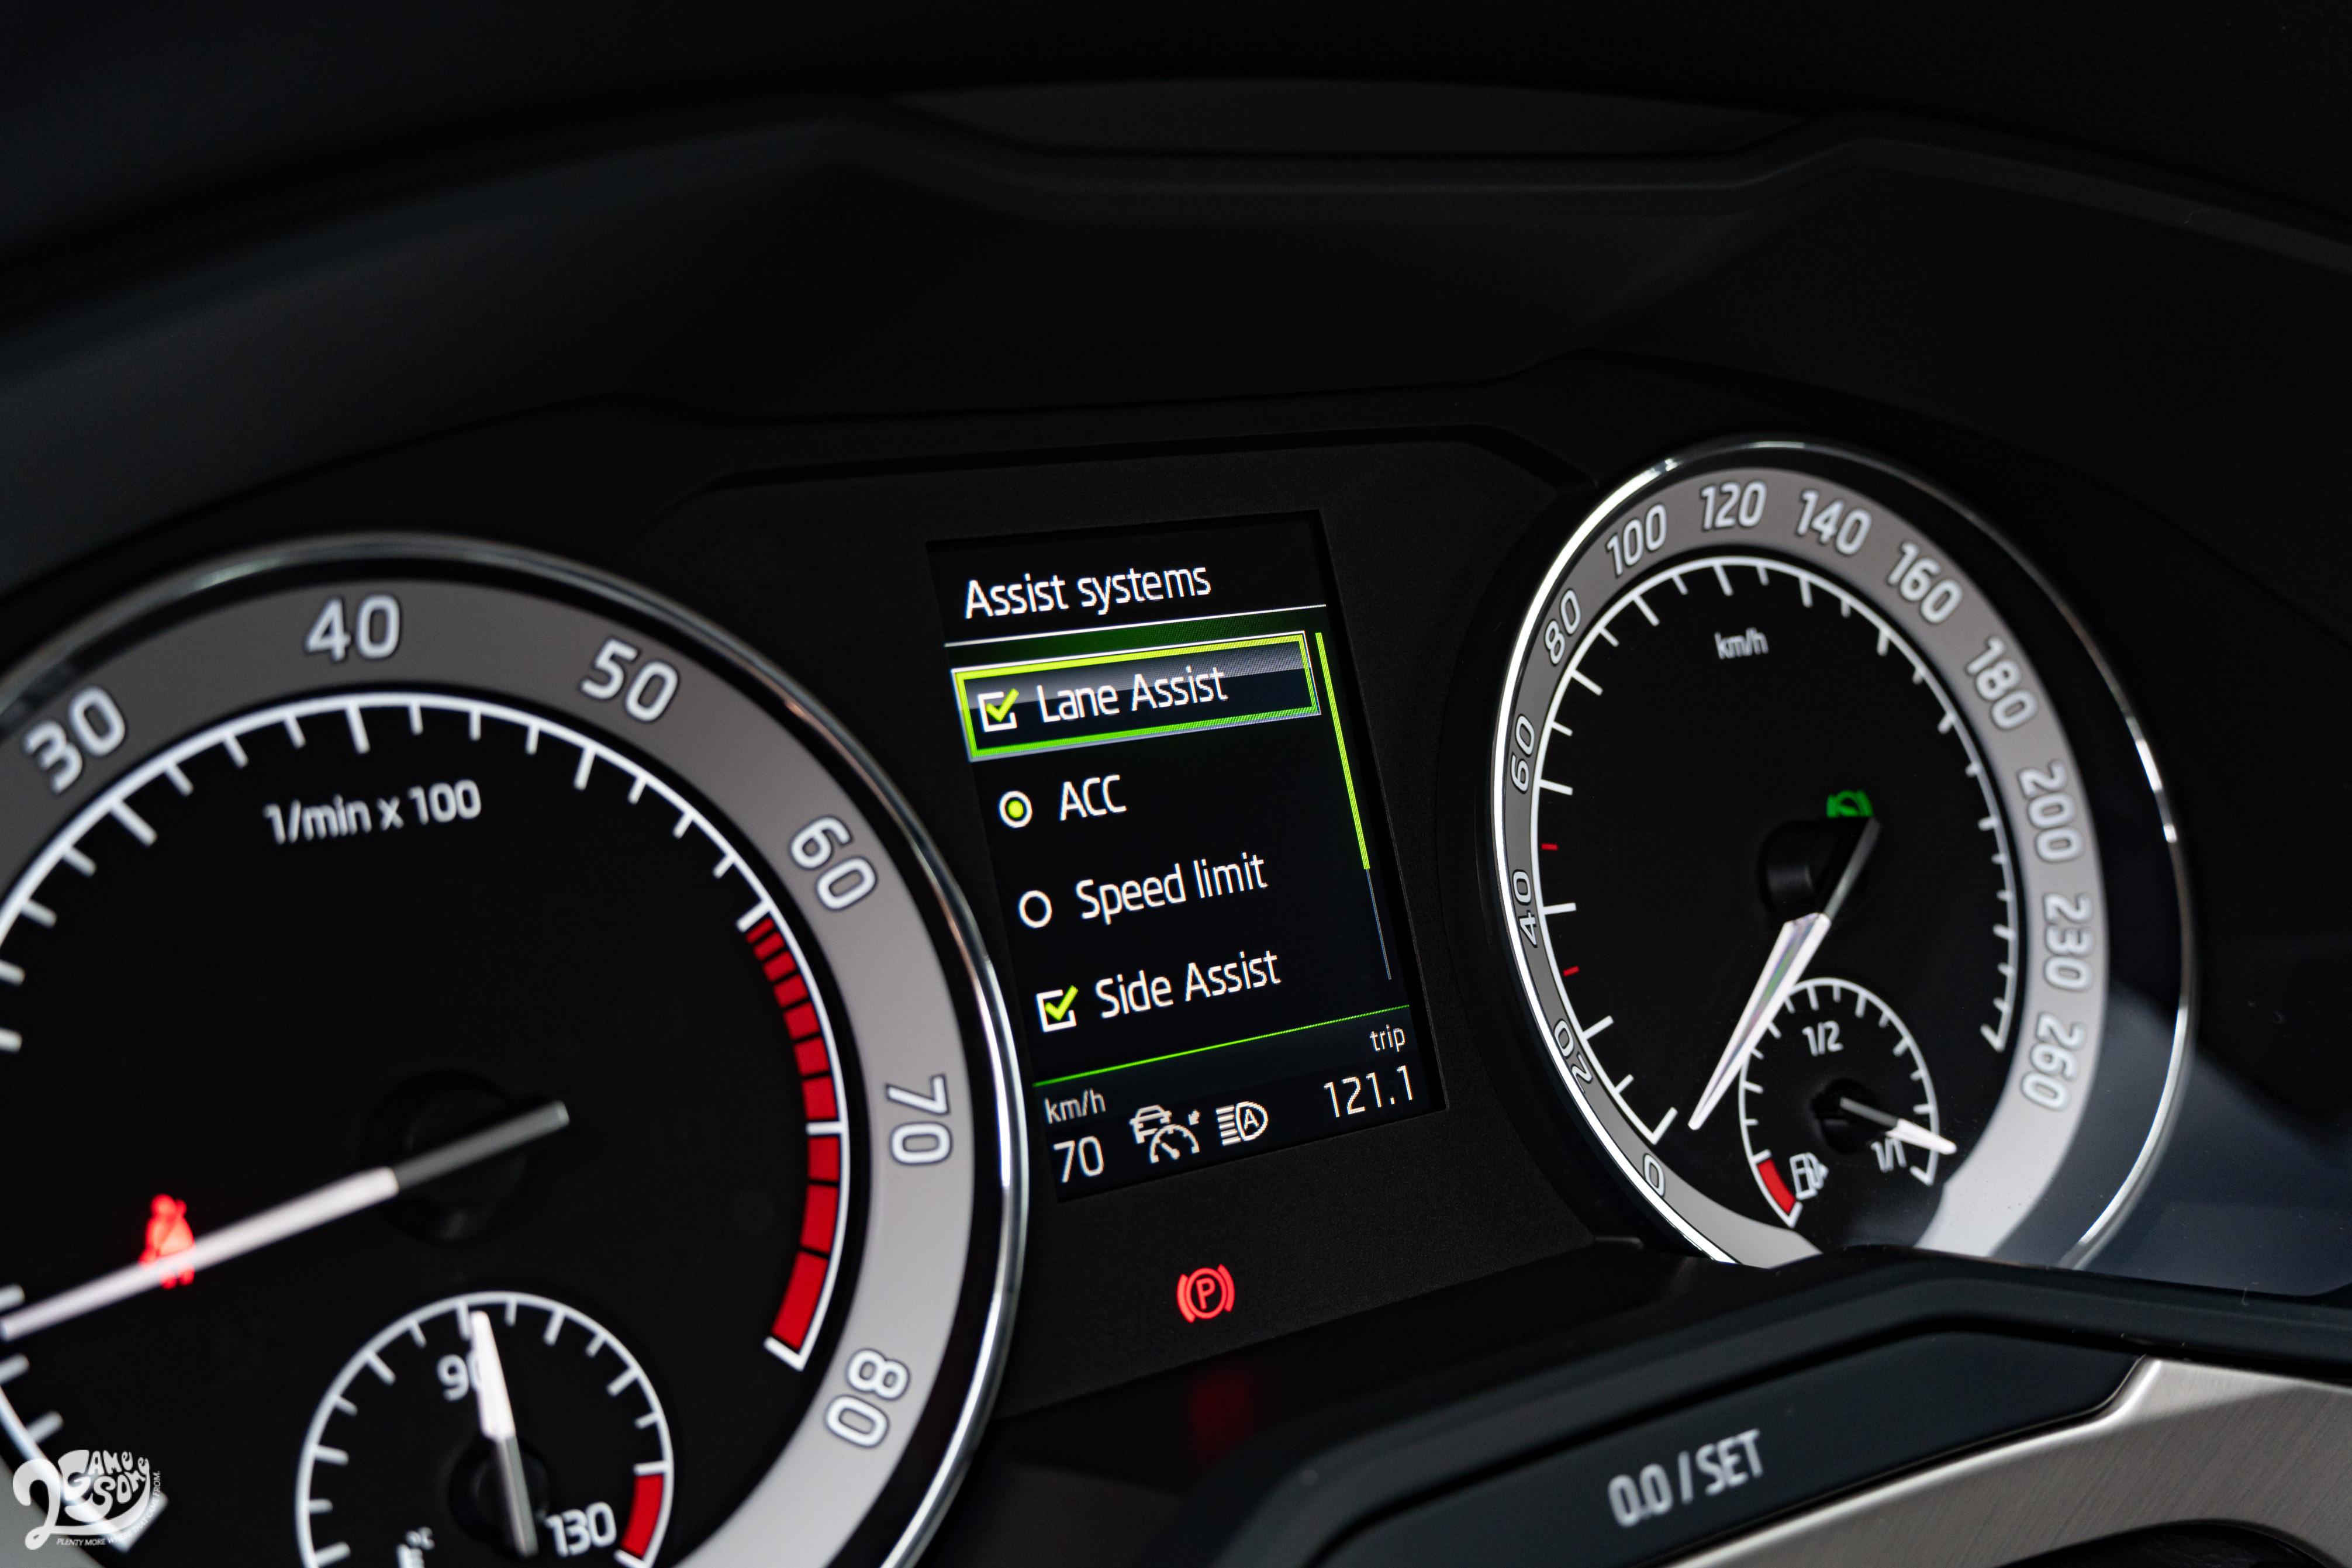 包含前方輔助系統、主動式跟車系統、盲點警示系統、車道偏離警示系統、後方來車警示系統等,都是入門的菁英版標配。